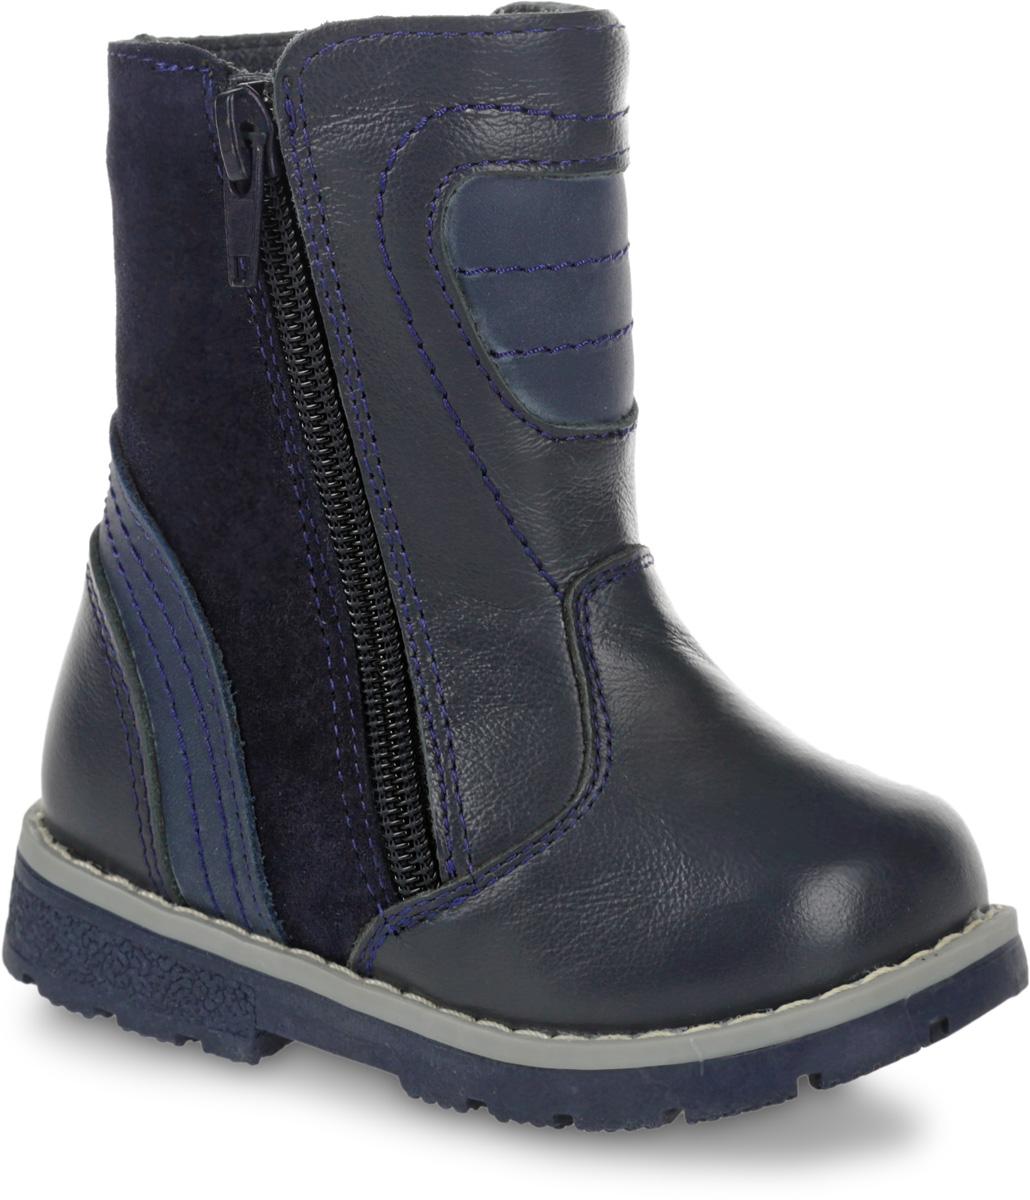 11192-5Теплые полусапоги от Зебра выполнены из натуральной кожи. Застежка-молния надежно фиксирует изделие на ноге. Мягкая подкладка и стелька из натурального меха обеспечивают тепло, циркуляцию воздуха и сохраняют комфортный микроклимат в обуви. Подошва с рифлением гарантирует идеальное сцепление с любыми поверхностями. Сбоку модель оформлена декоративной молнией.